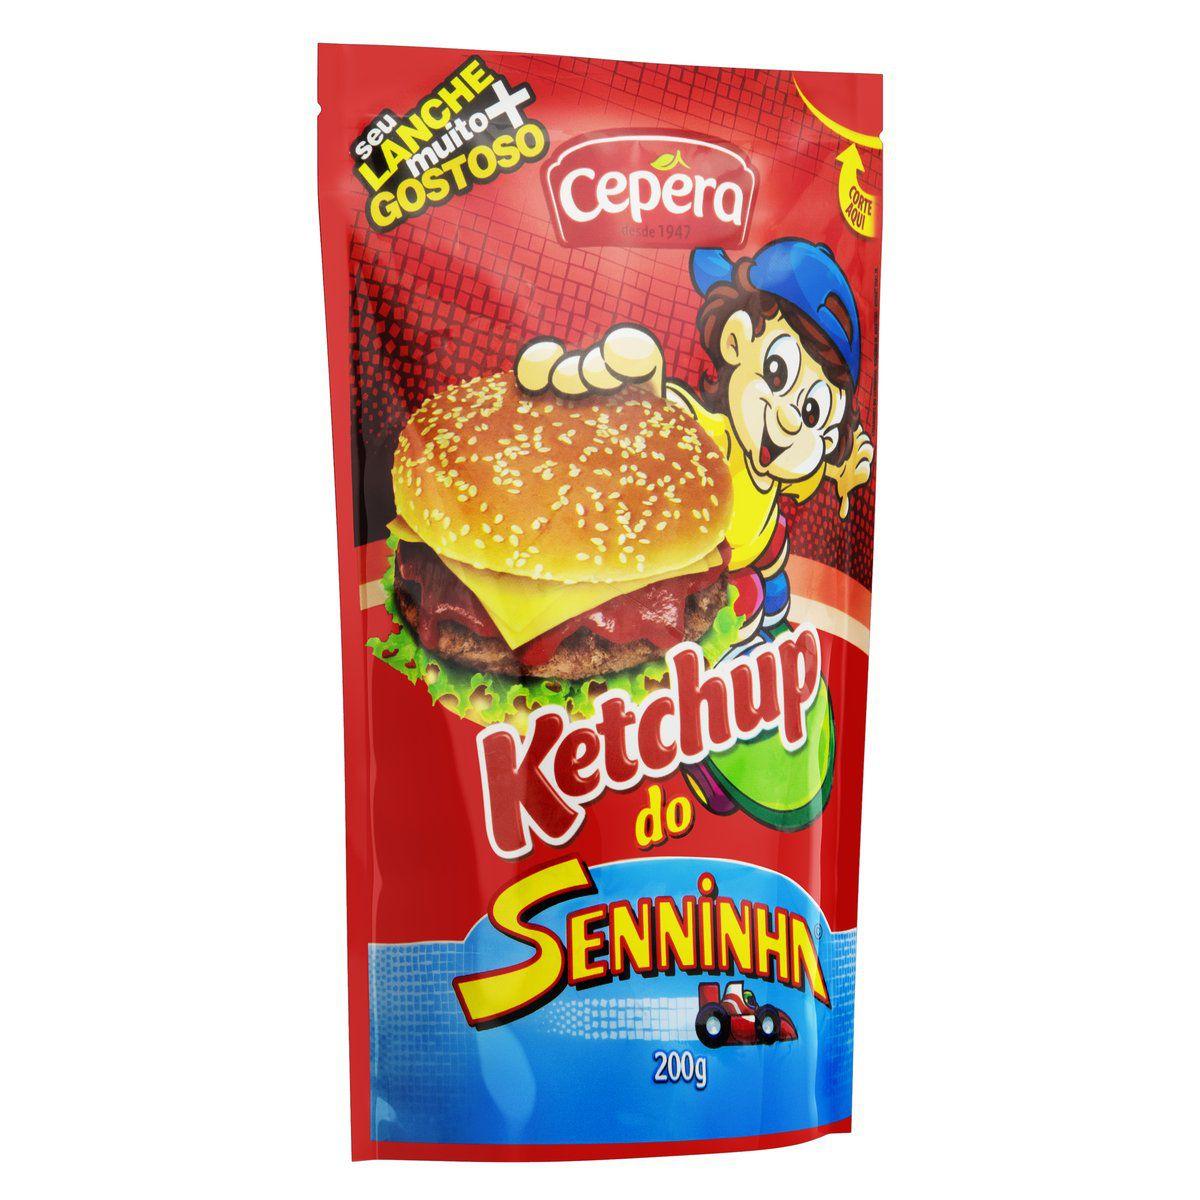 Ketchup Vitaminado Senninha 200g